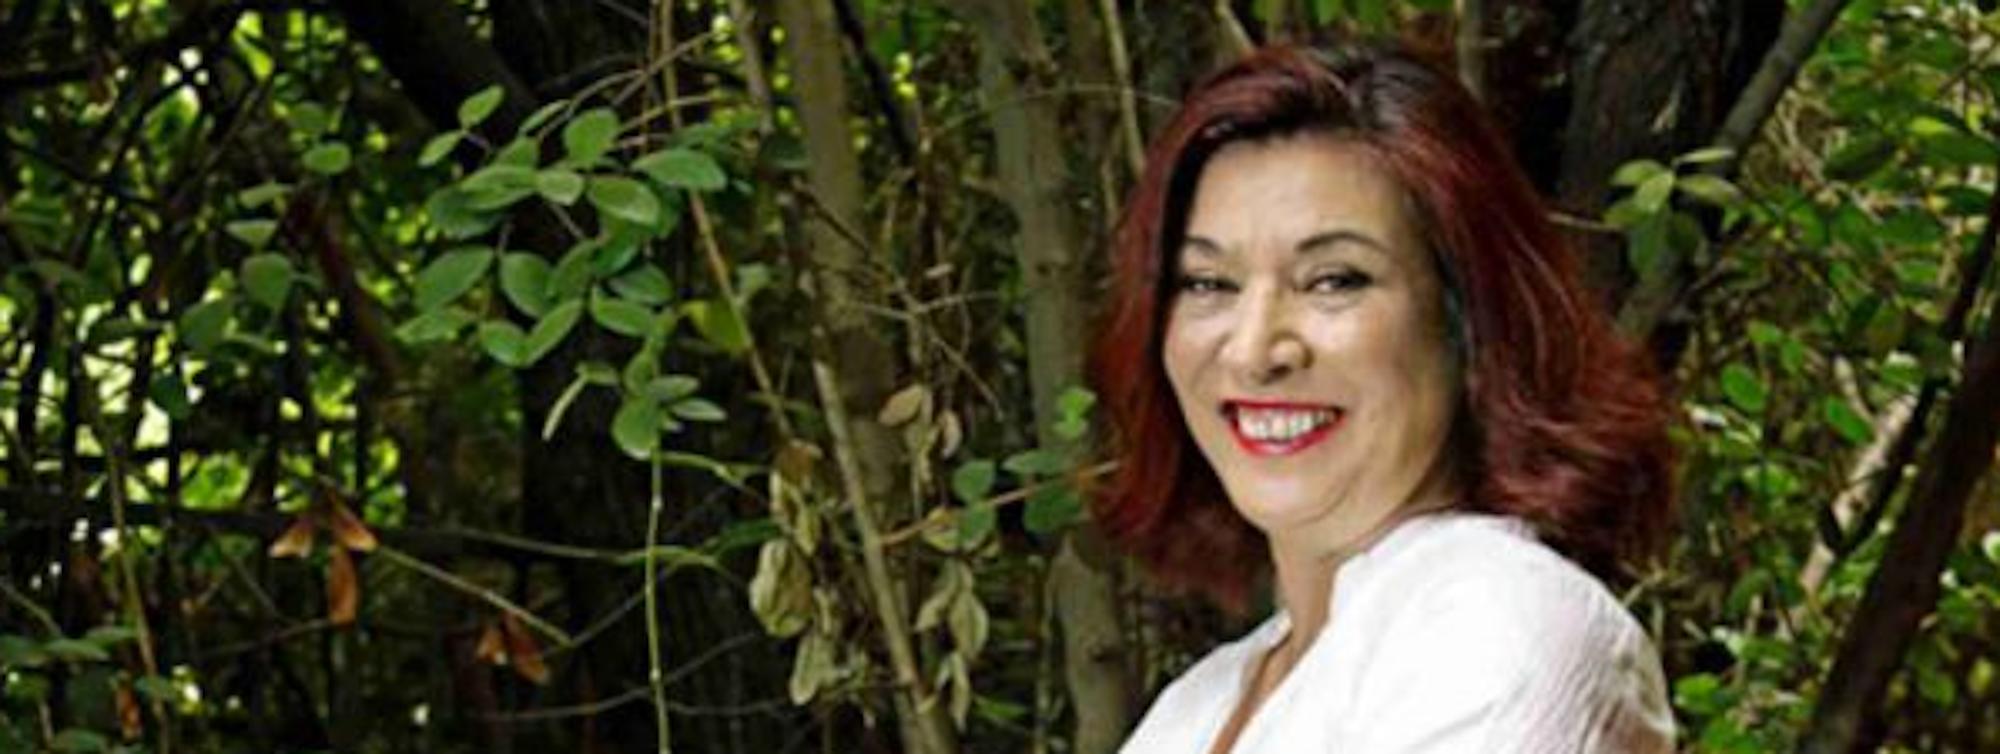 A los 61 años, fallece Tati Penna, presentadora, cantante e icono de la televisión chilena